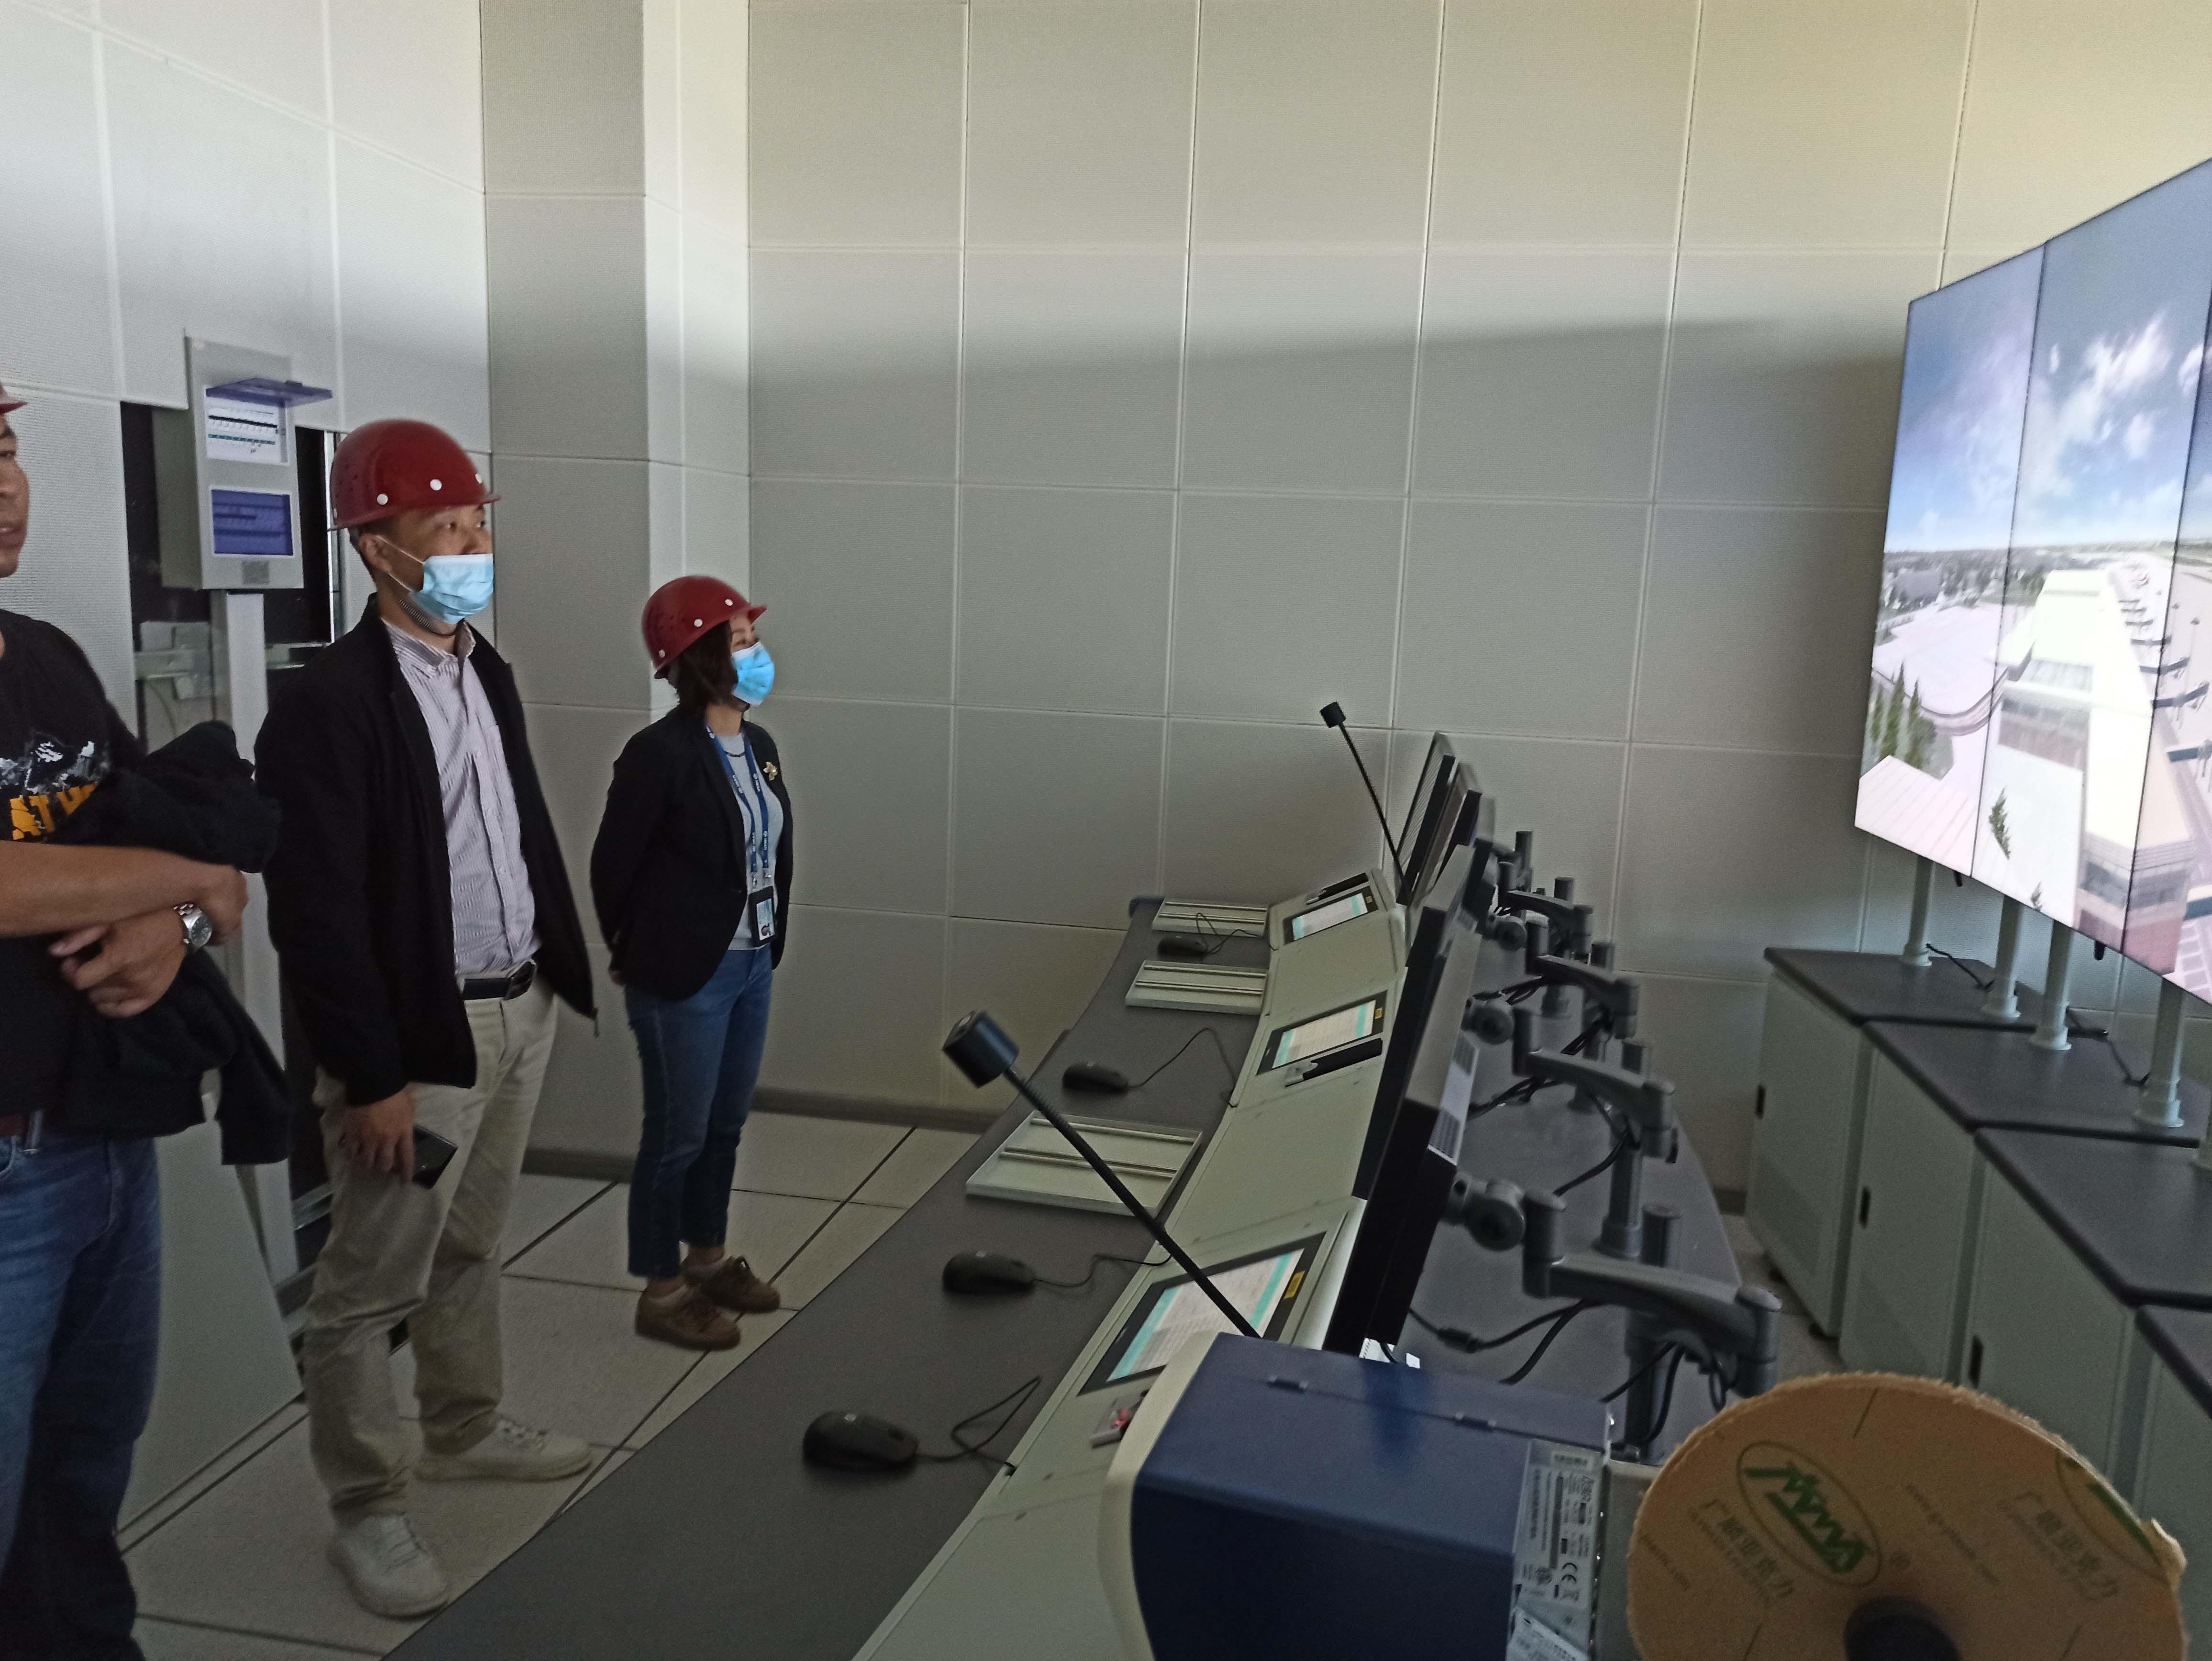 河北空管分局空管训练设施工程项目顺利通过现场自验收